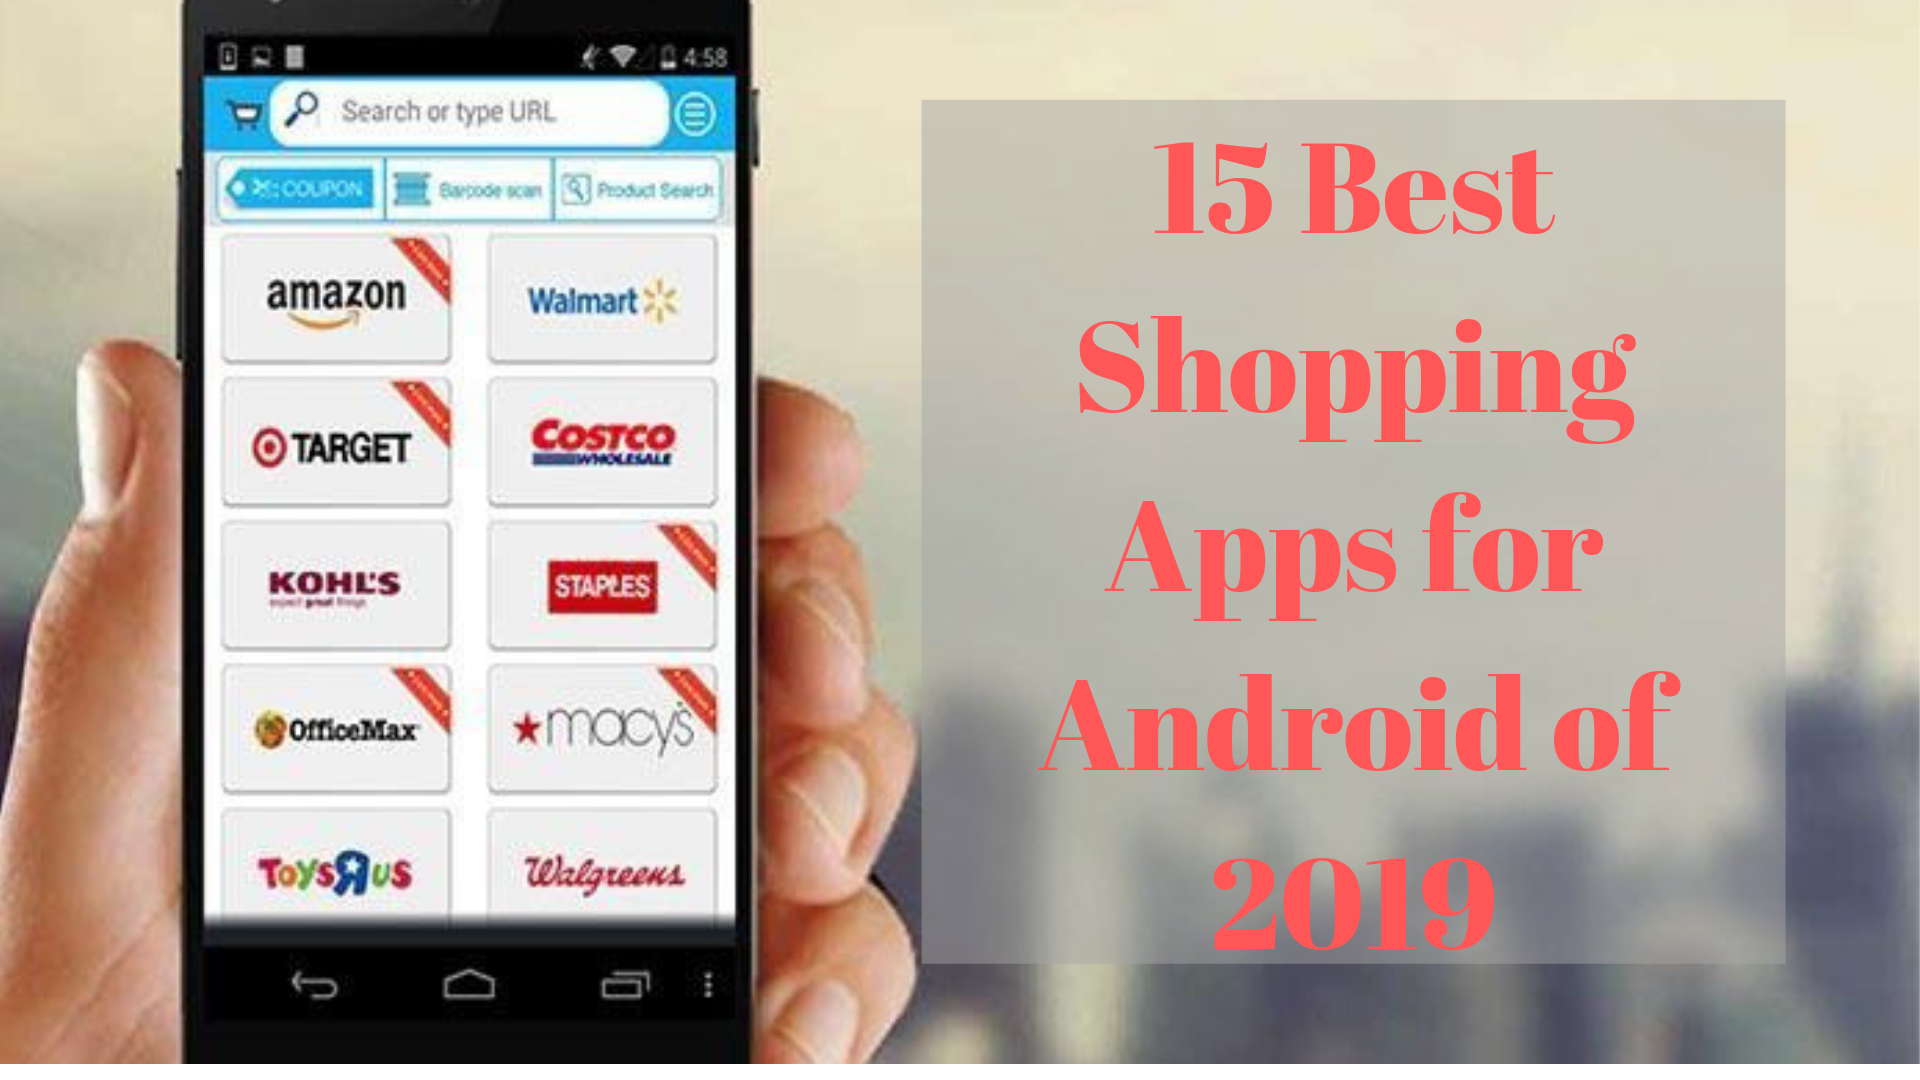 最高のショッピングアプリ